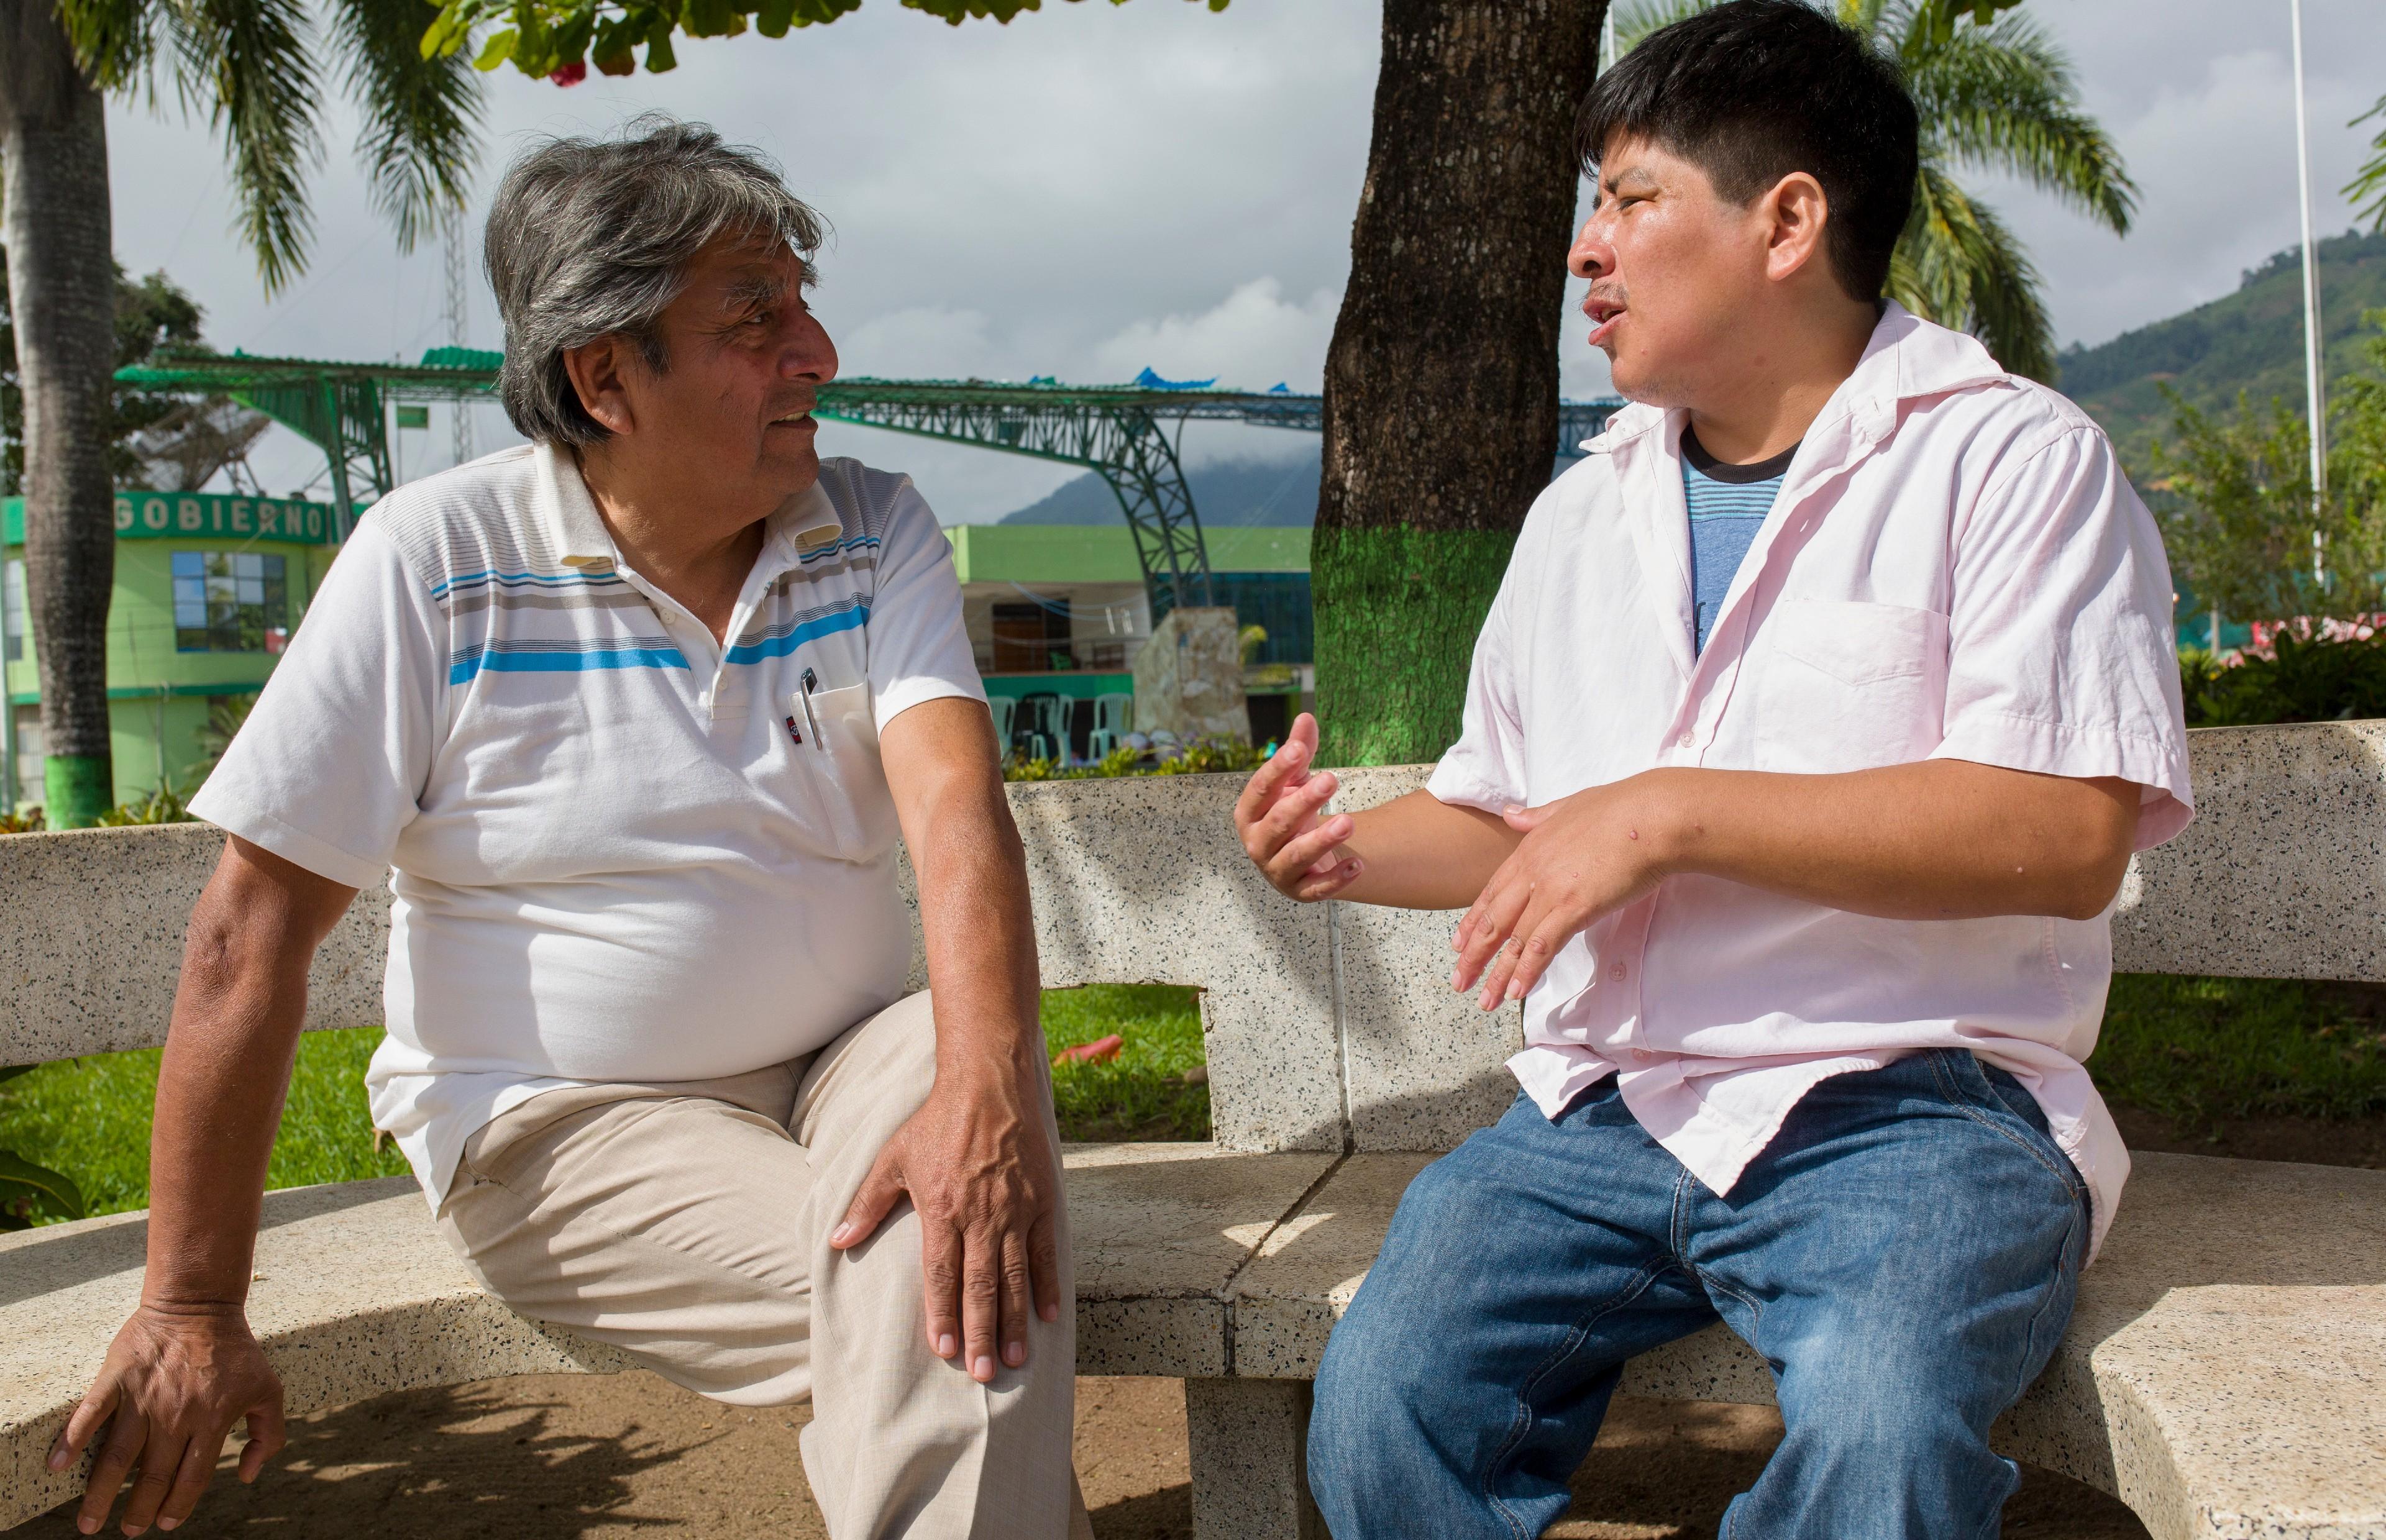 El Dr. Roger Zapata y Luis Fermín Tenorio Cortez en 2018 sentados en el banco de una plaza en Pichanaki conversando